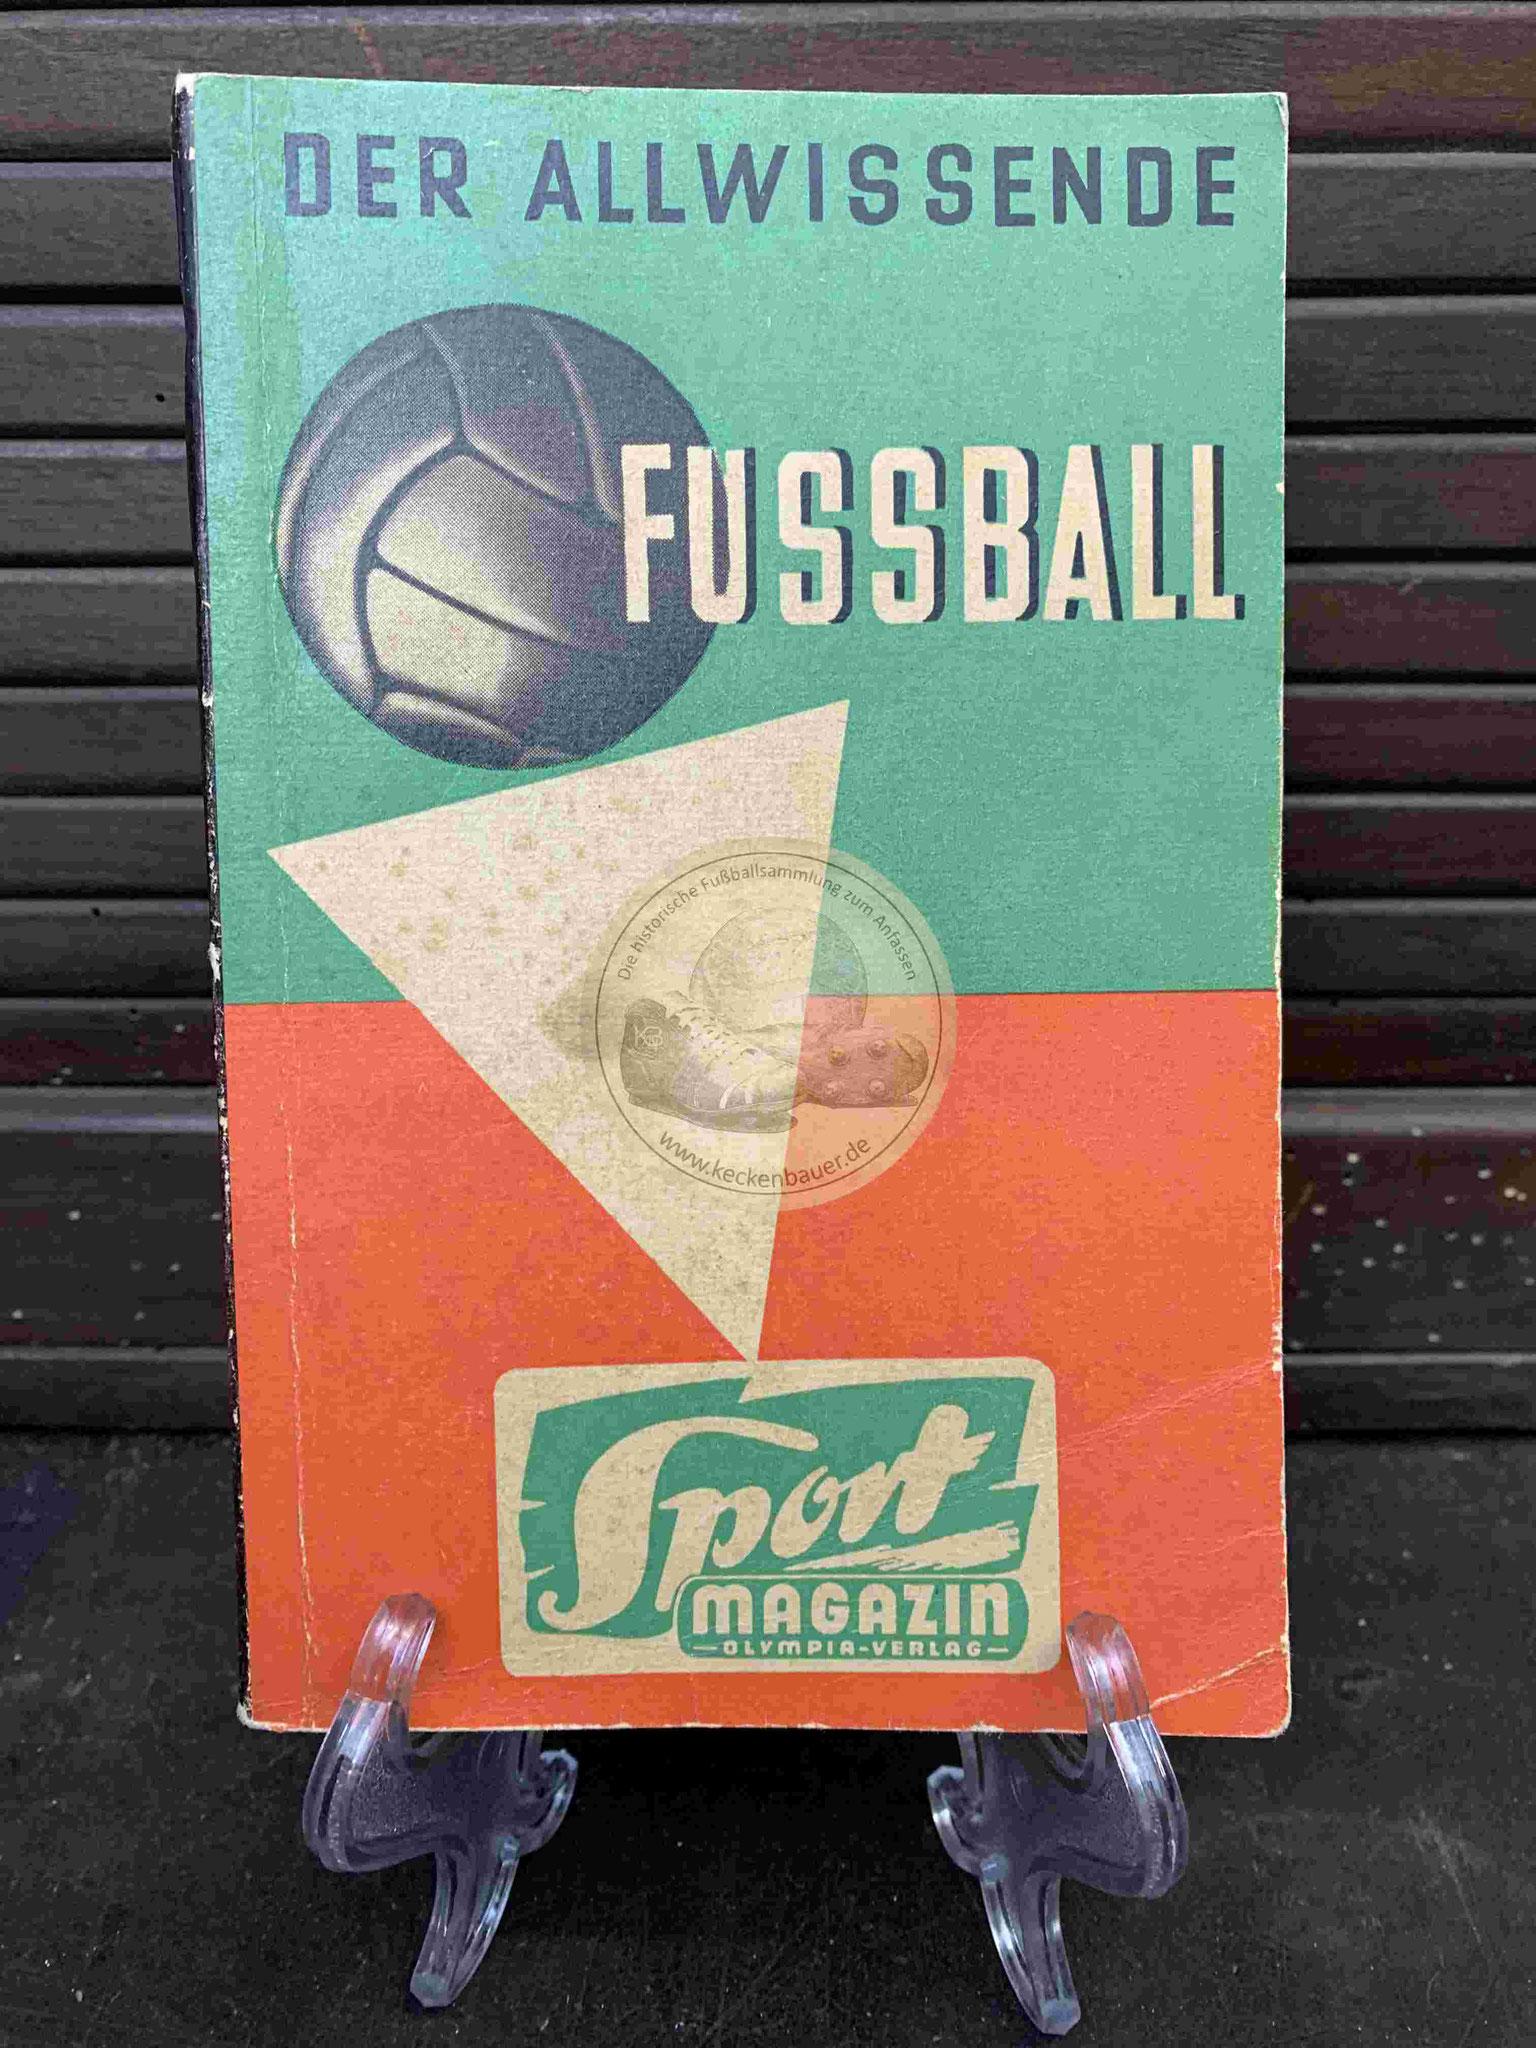 Der Allwissende Fussball vom Sport Magazin aus dem Jahr 1962